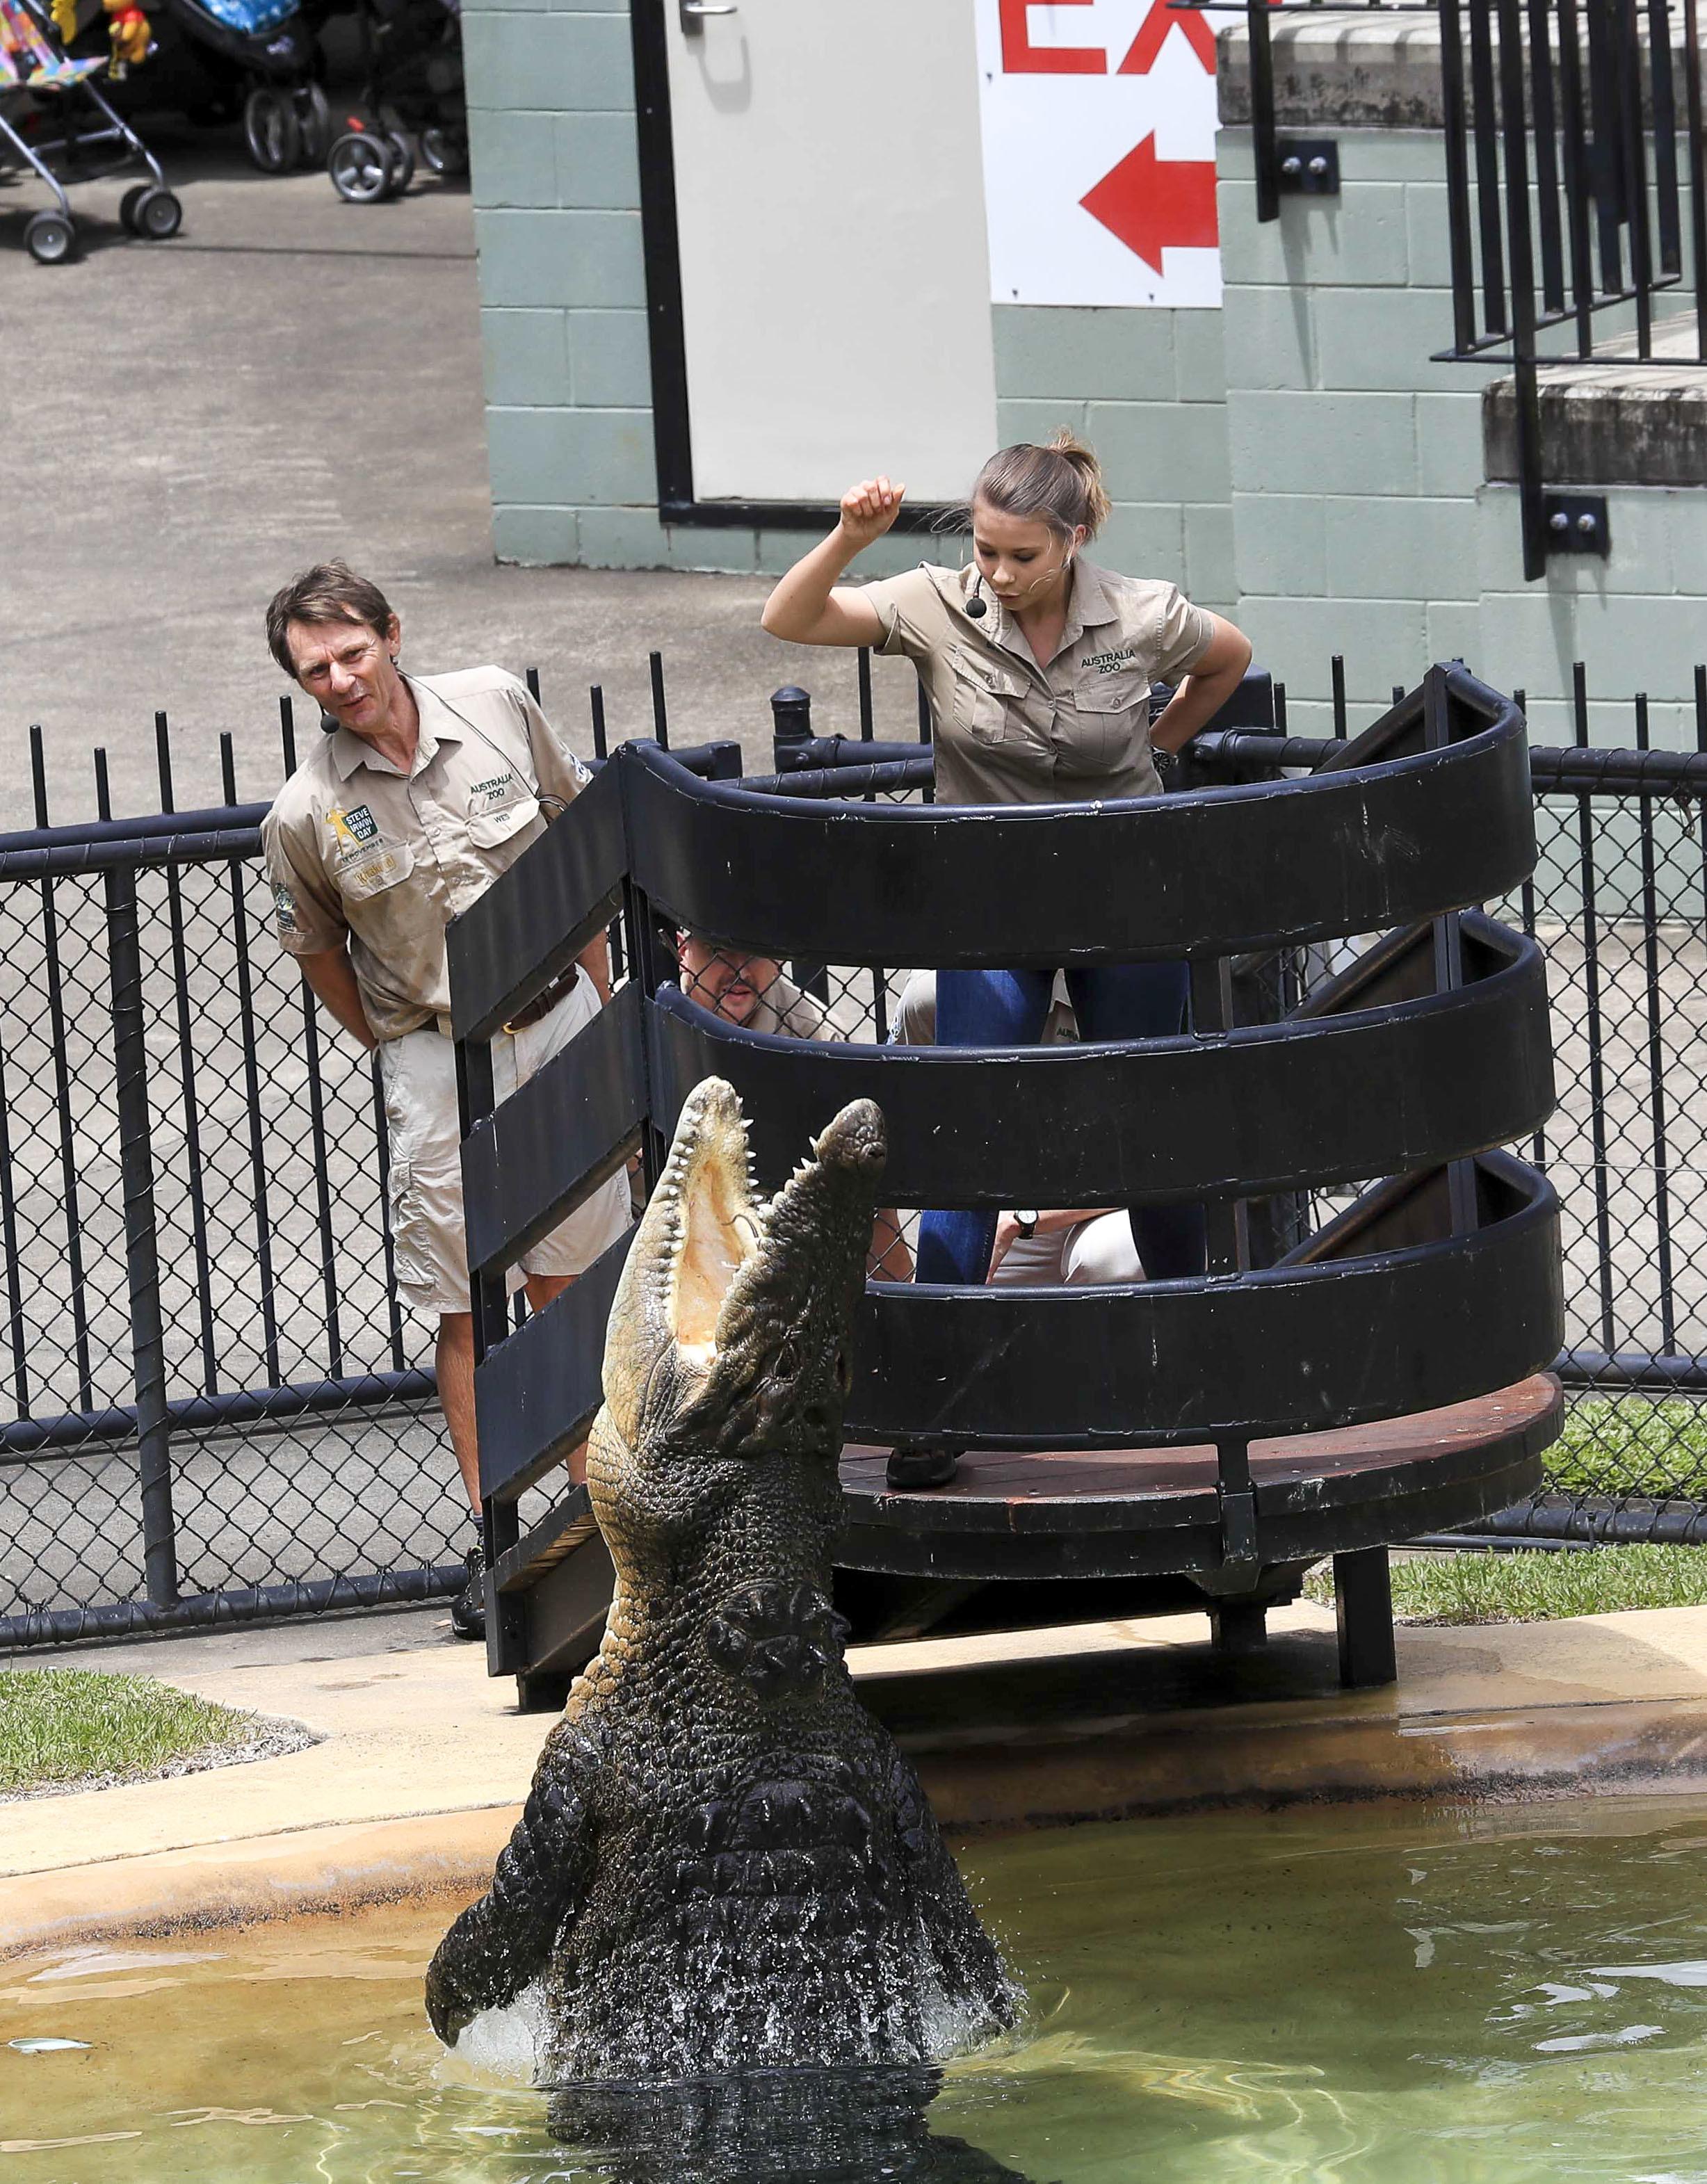 Bindi Irwin celebrates Steve Irwin Day at Australia Zoo in Australia on Nov. 16, 2017.